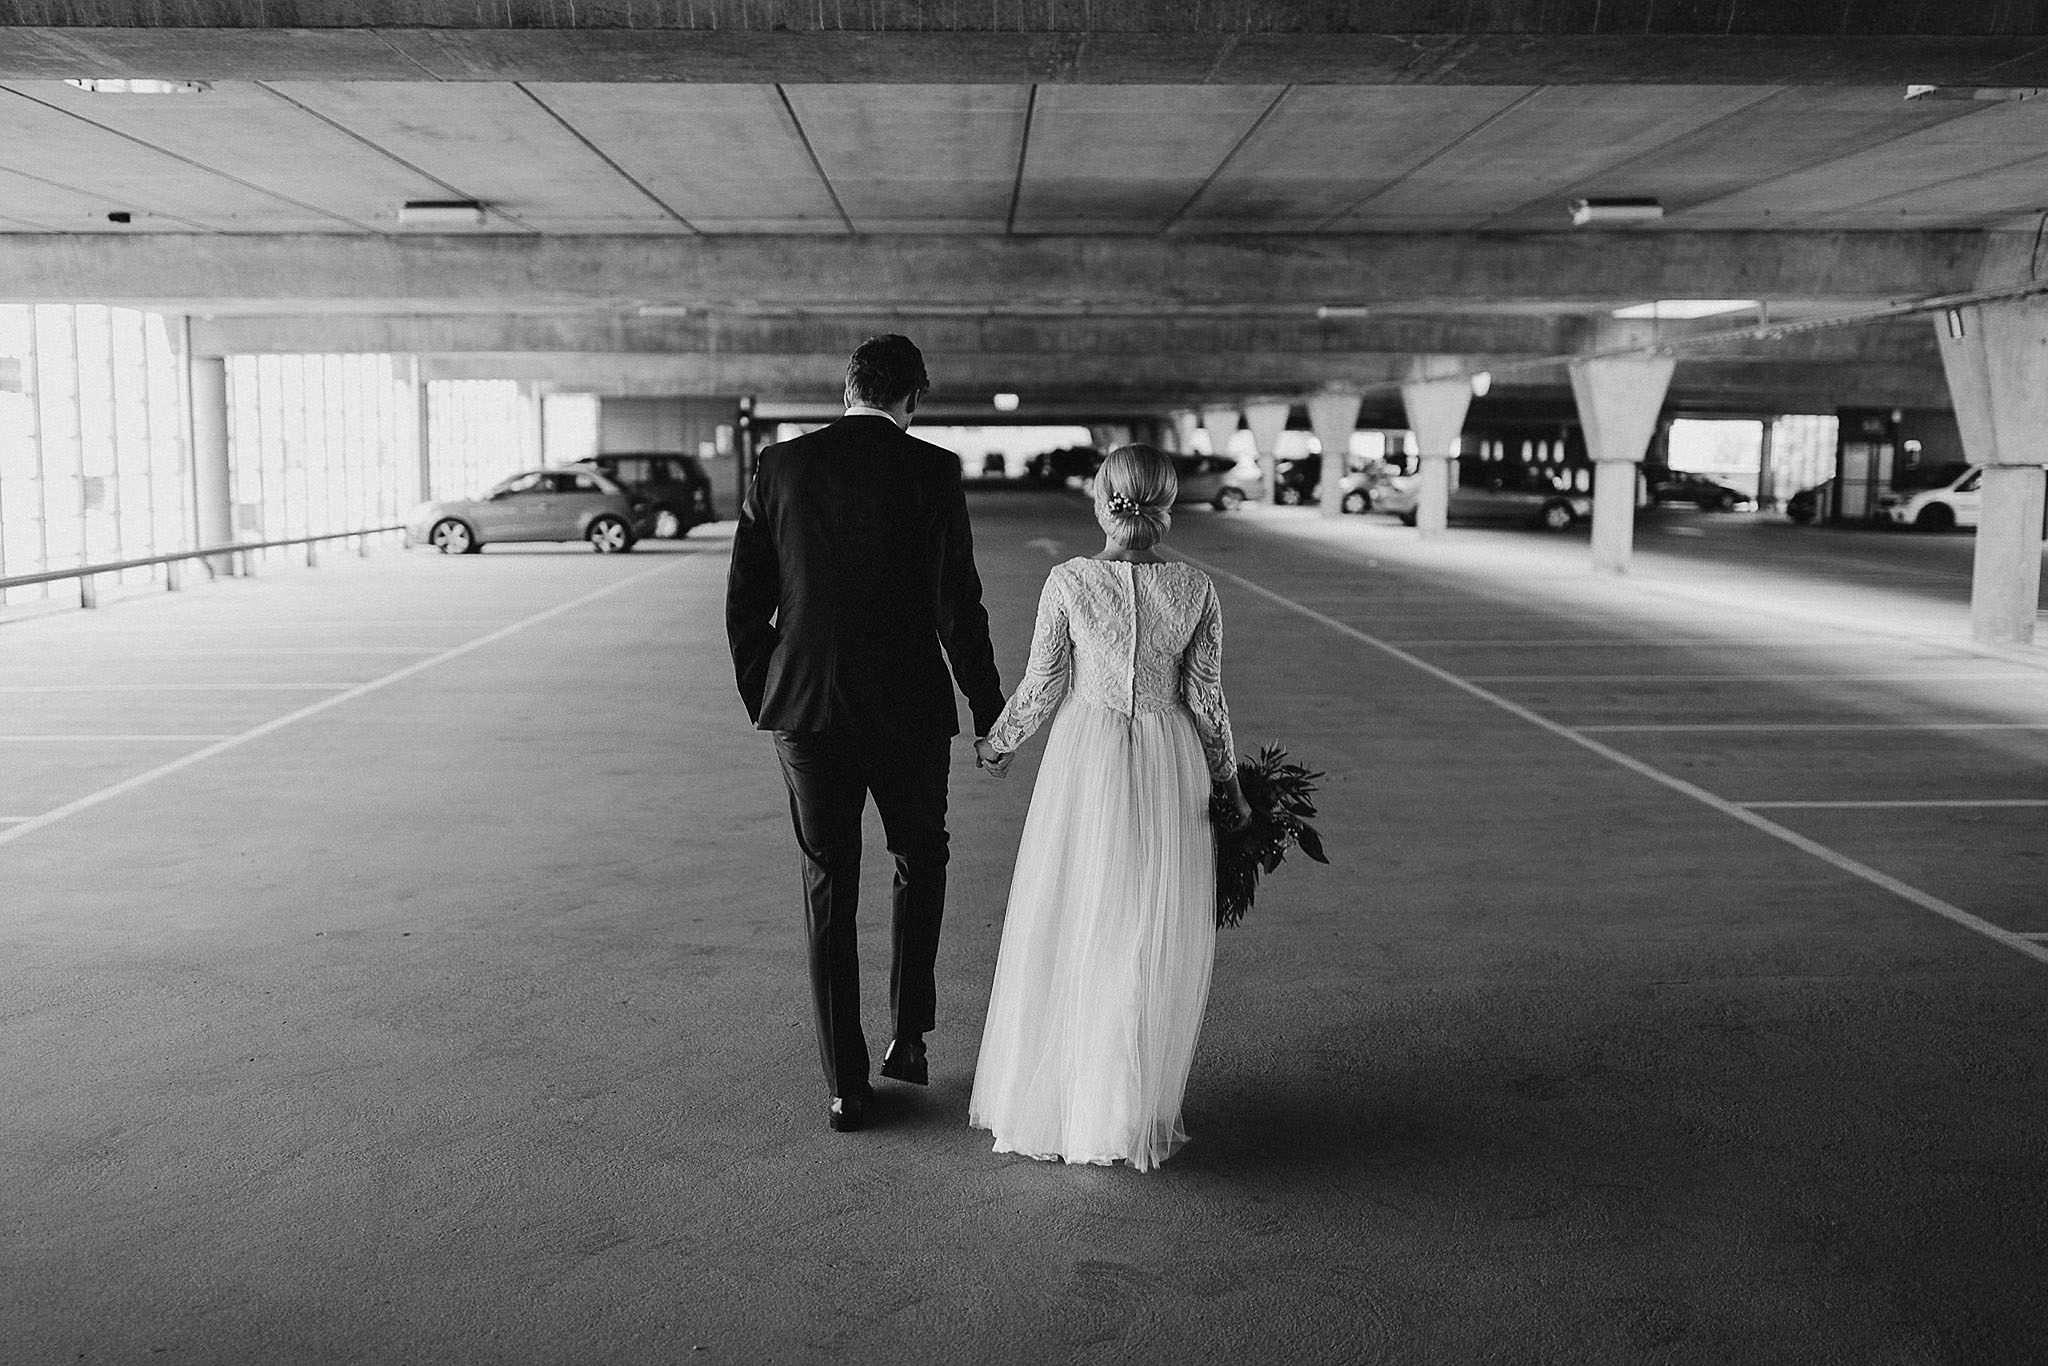 Haakuvaus_wedding_jyvaskyla_muurame_tuomiston_tila_0096.jpg